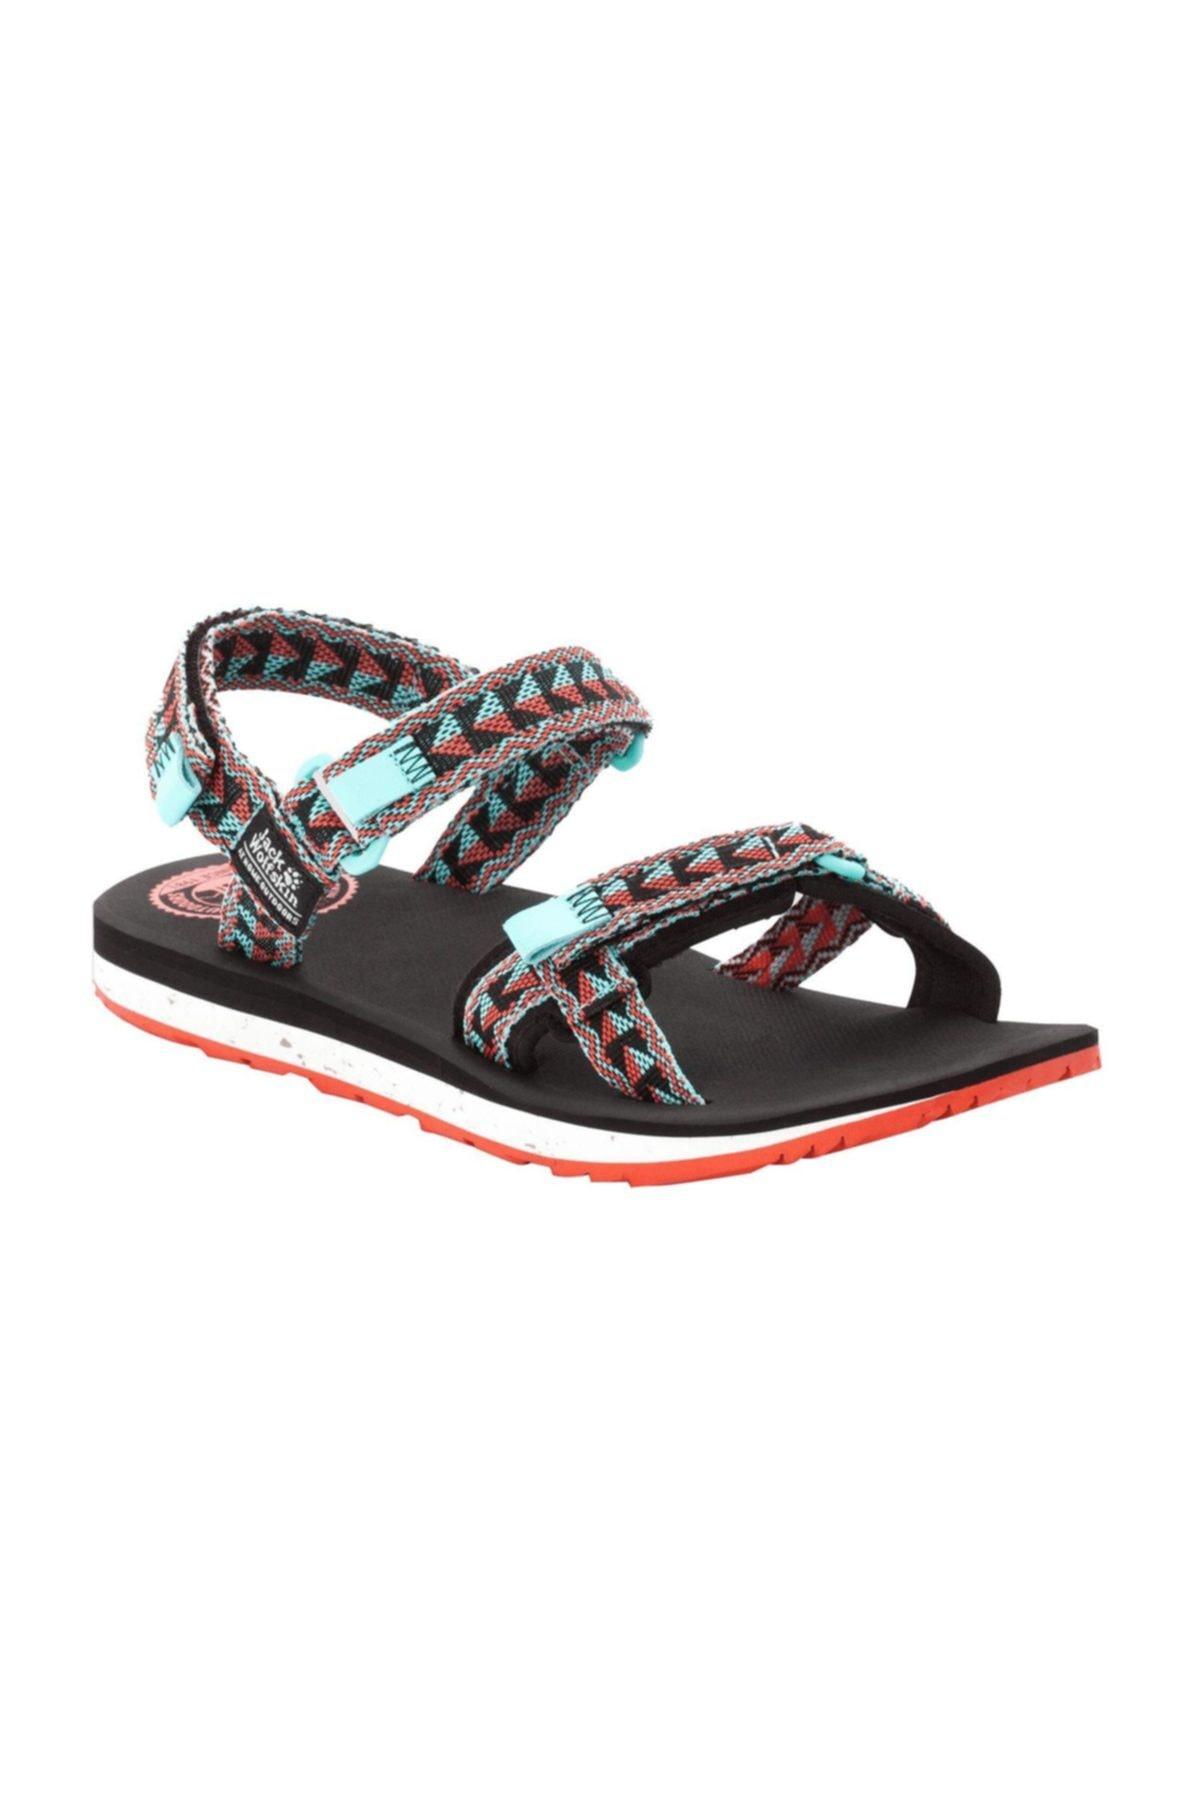 Jack Wolfskin Outfresh Sandal Kadın Sandalet -